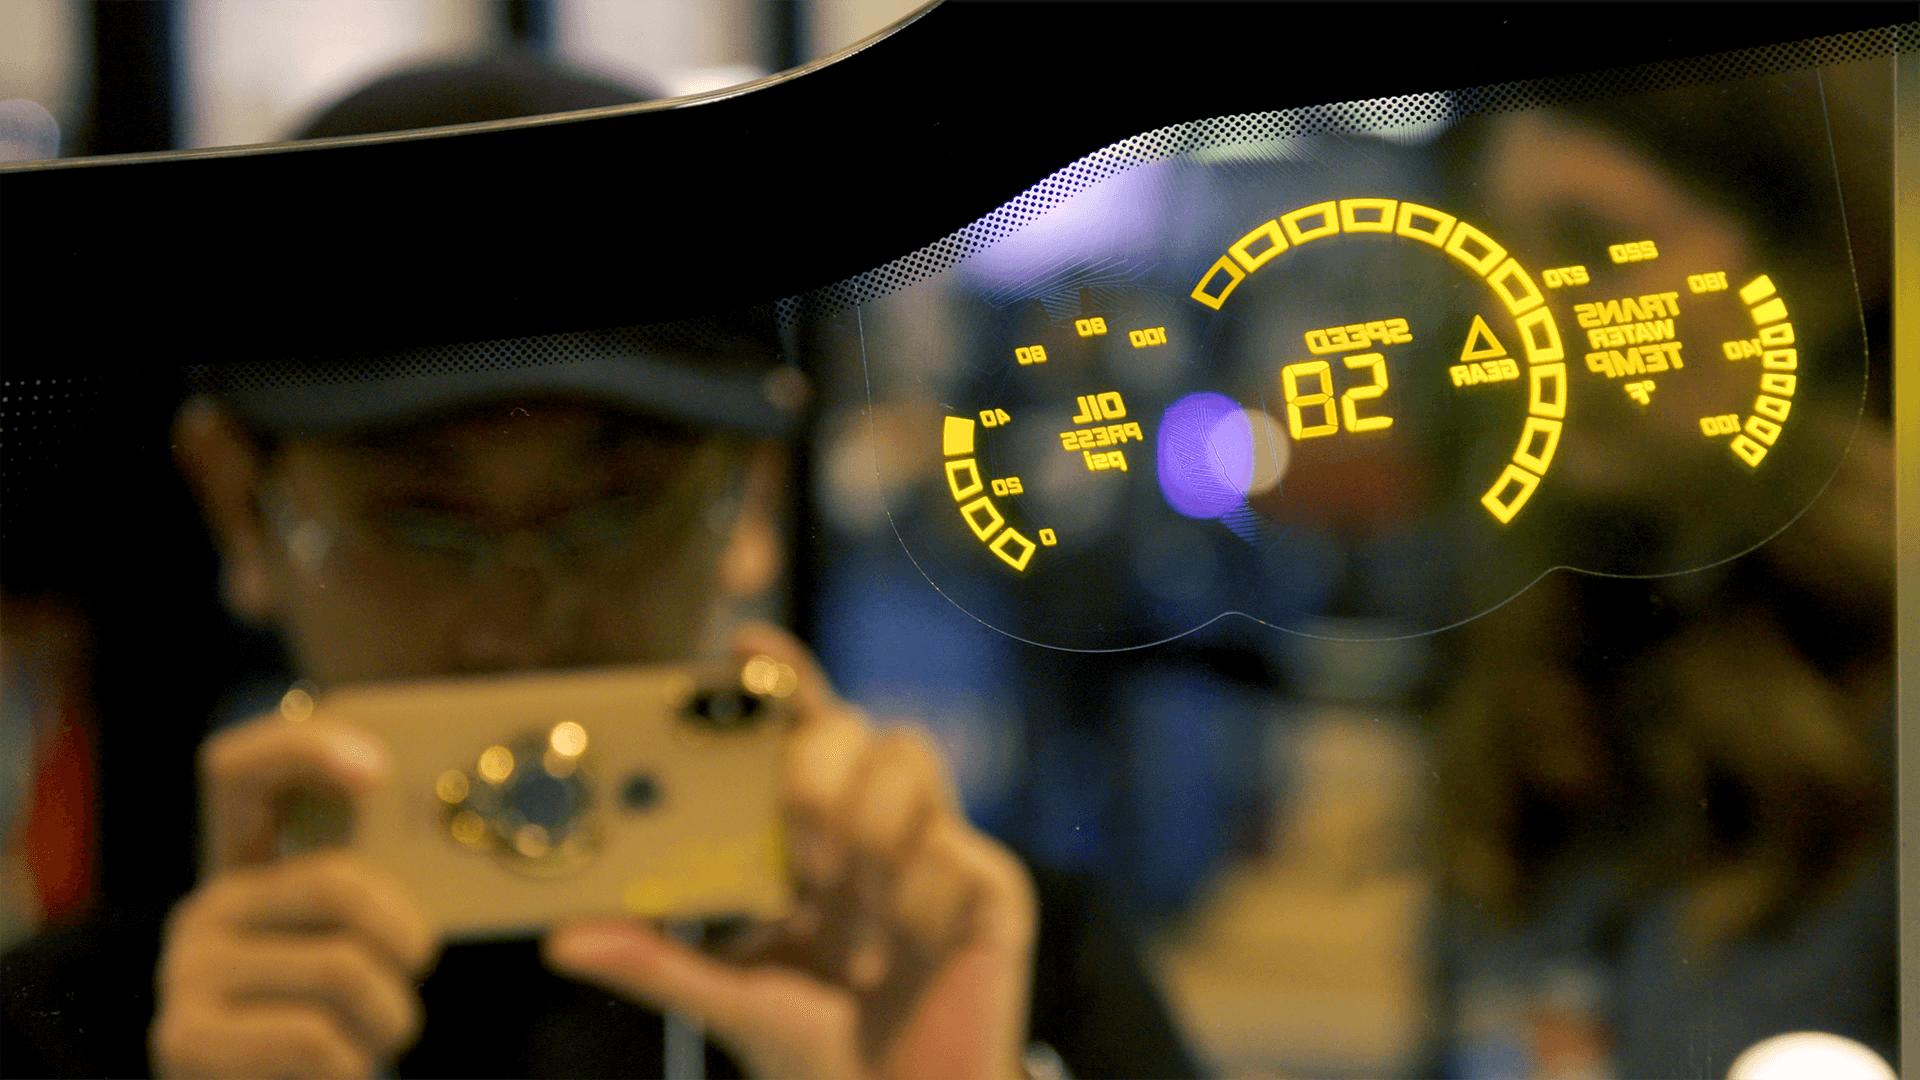 LUMINEQ head up display on Ford F150 windsiheld 2 1920x1080 (1)